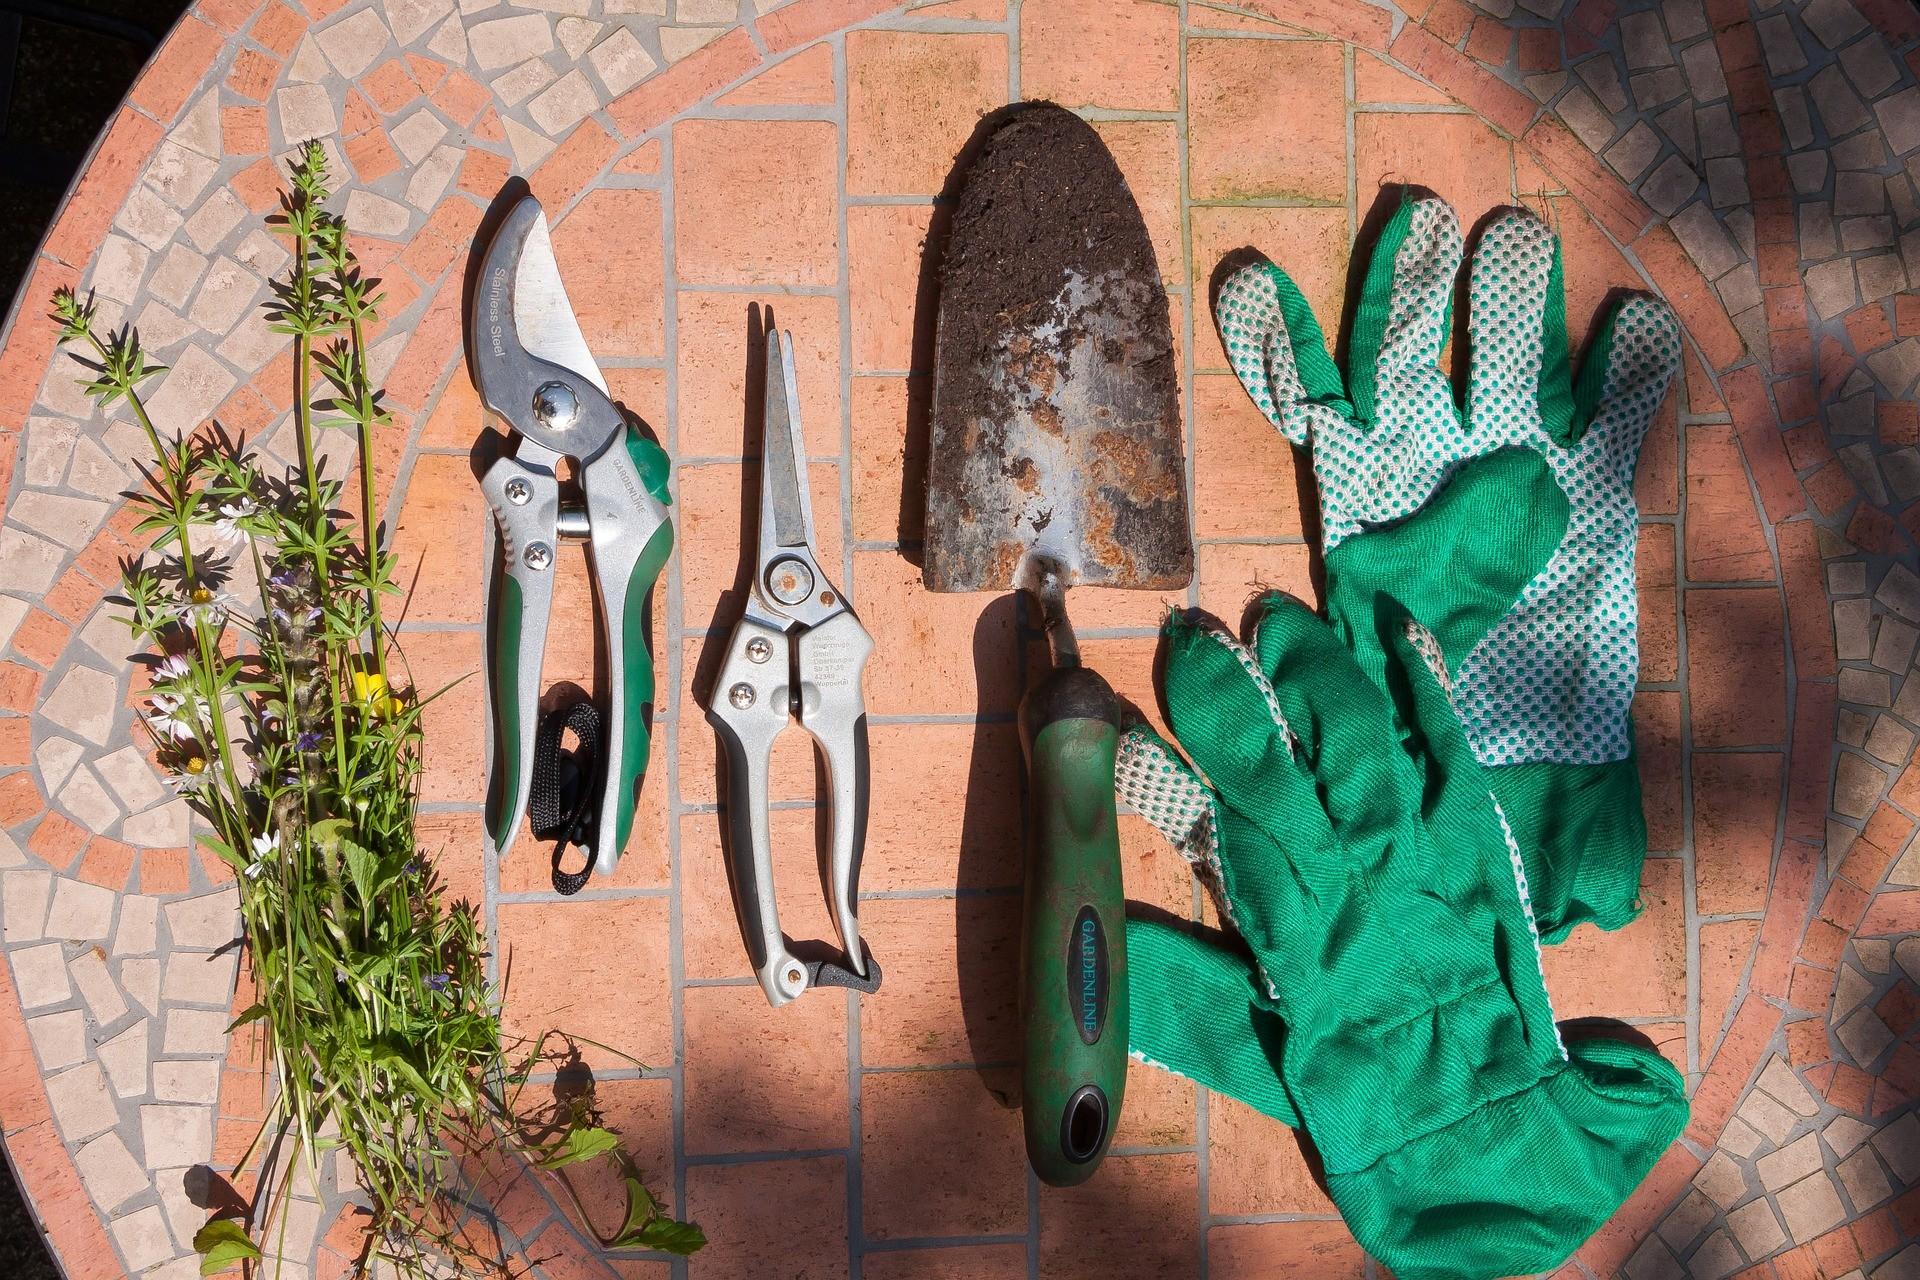 Gartenschere: Gartengerät